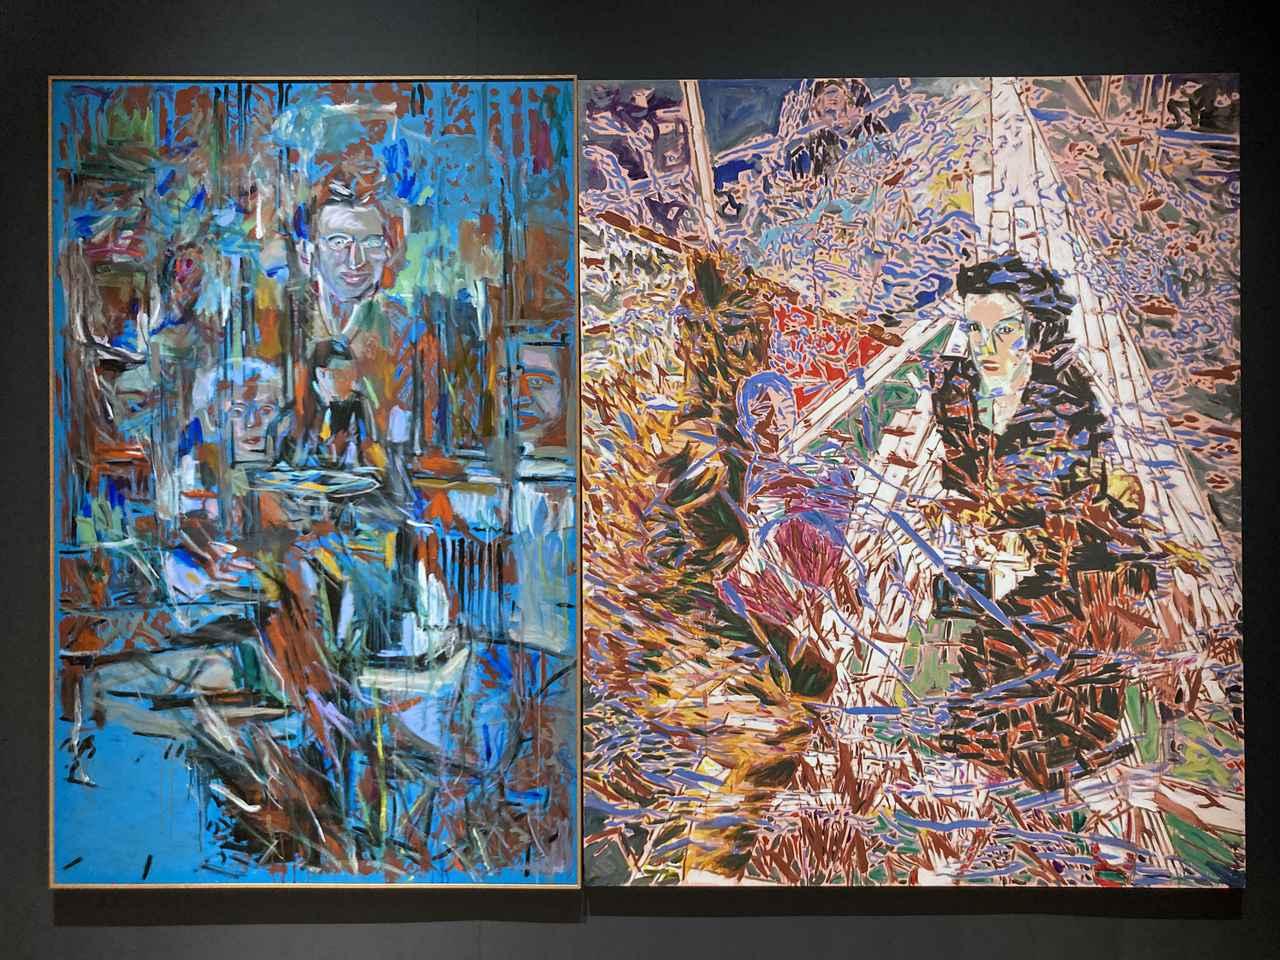 画像: 「神話の森へ」の会場風景より:左:《ロンドンの四日間》 1982年 大原美術館、右:《ディナーパーティの話題》 1982年 国立国際美術館 photo©️saitomoichi